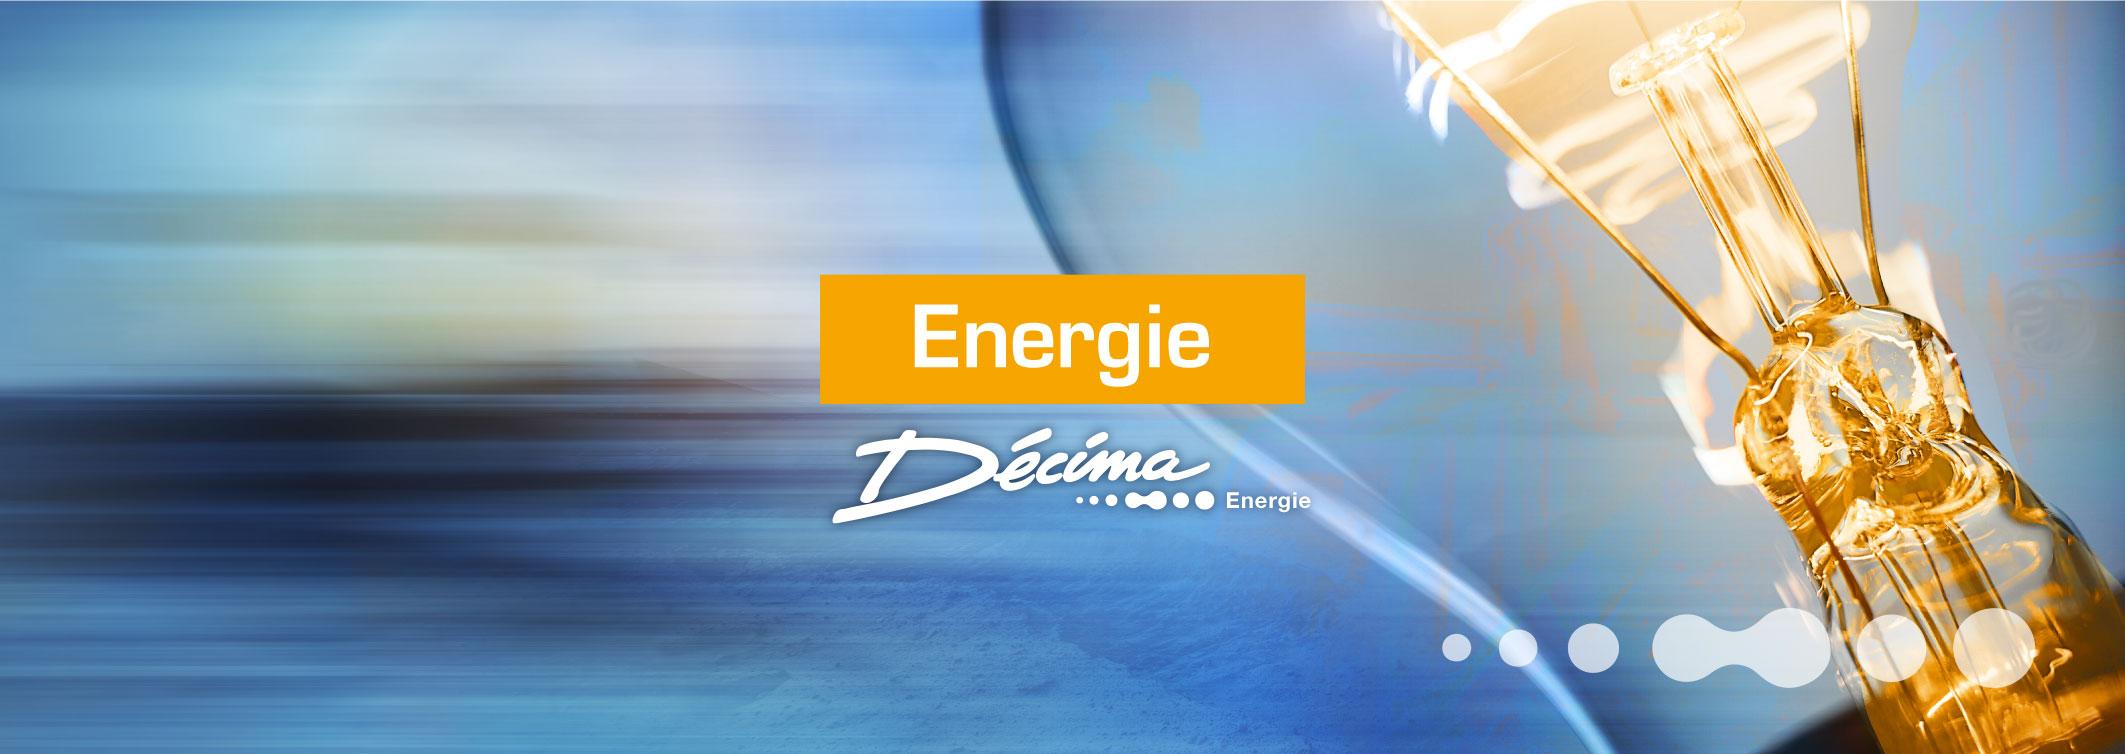 slide_energie